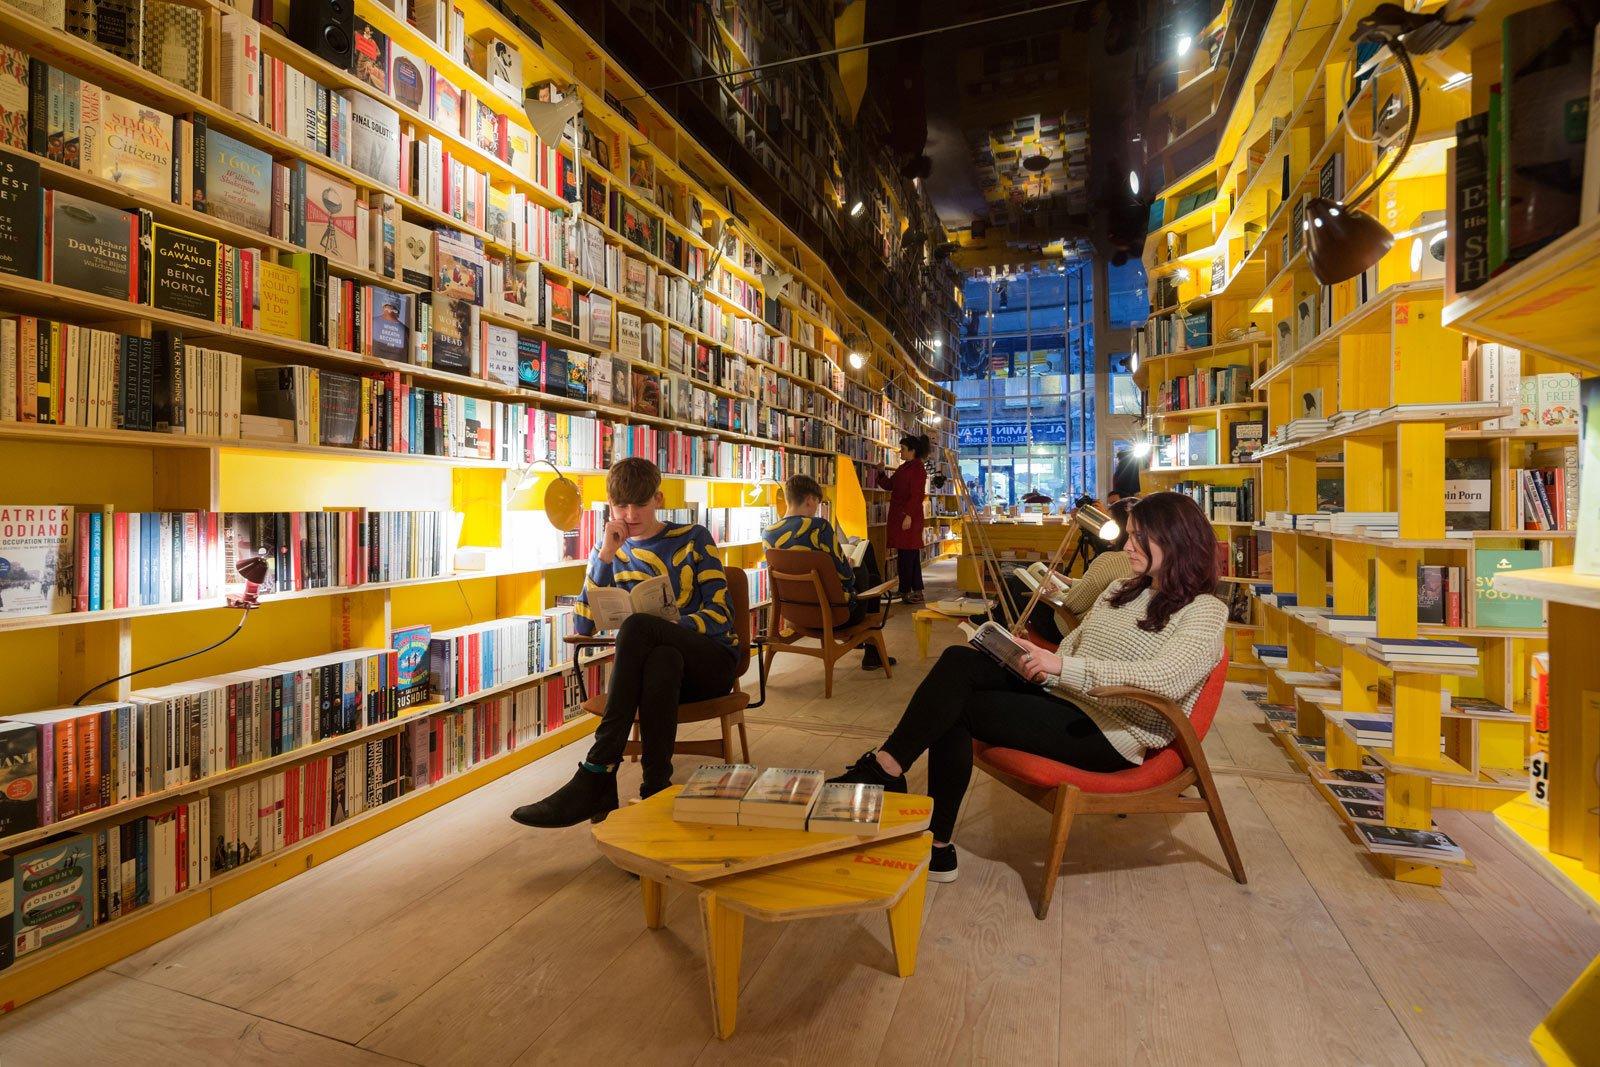 Libreria Books de Londres